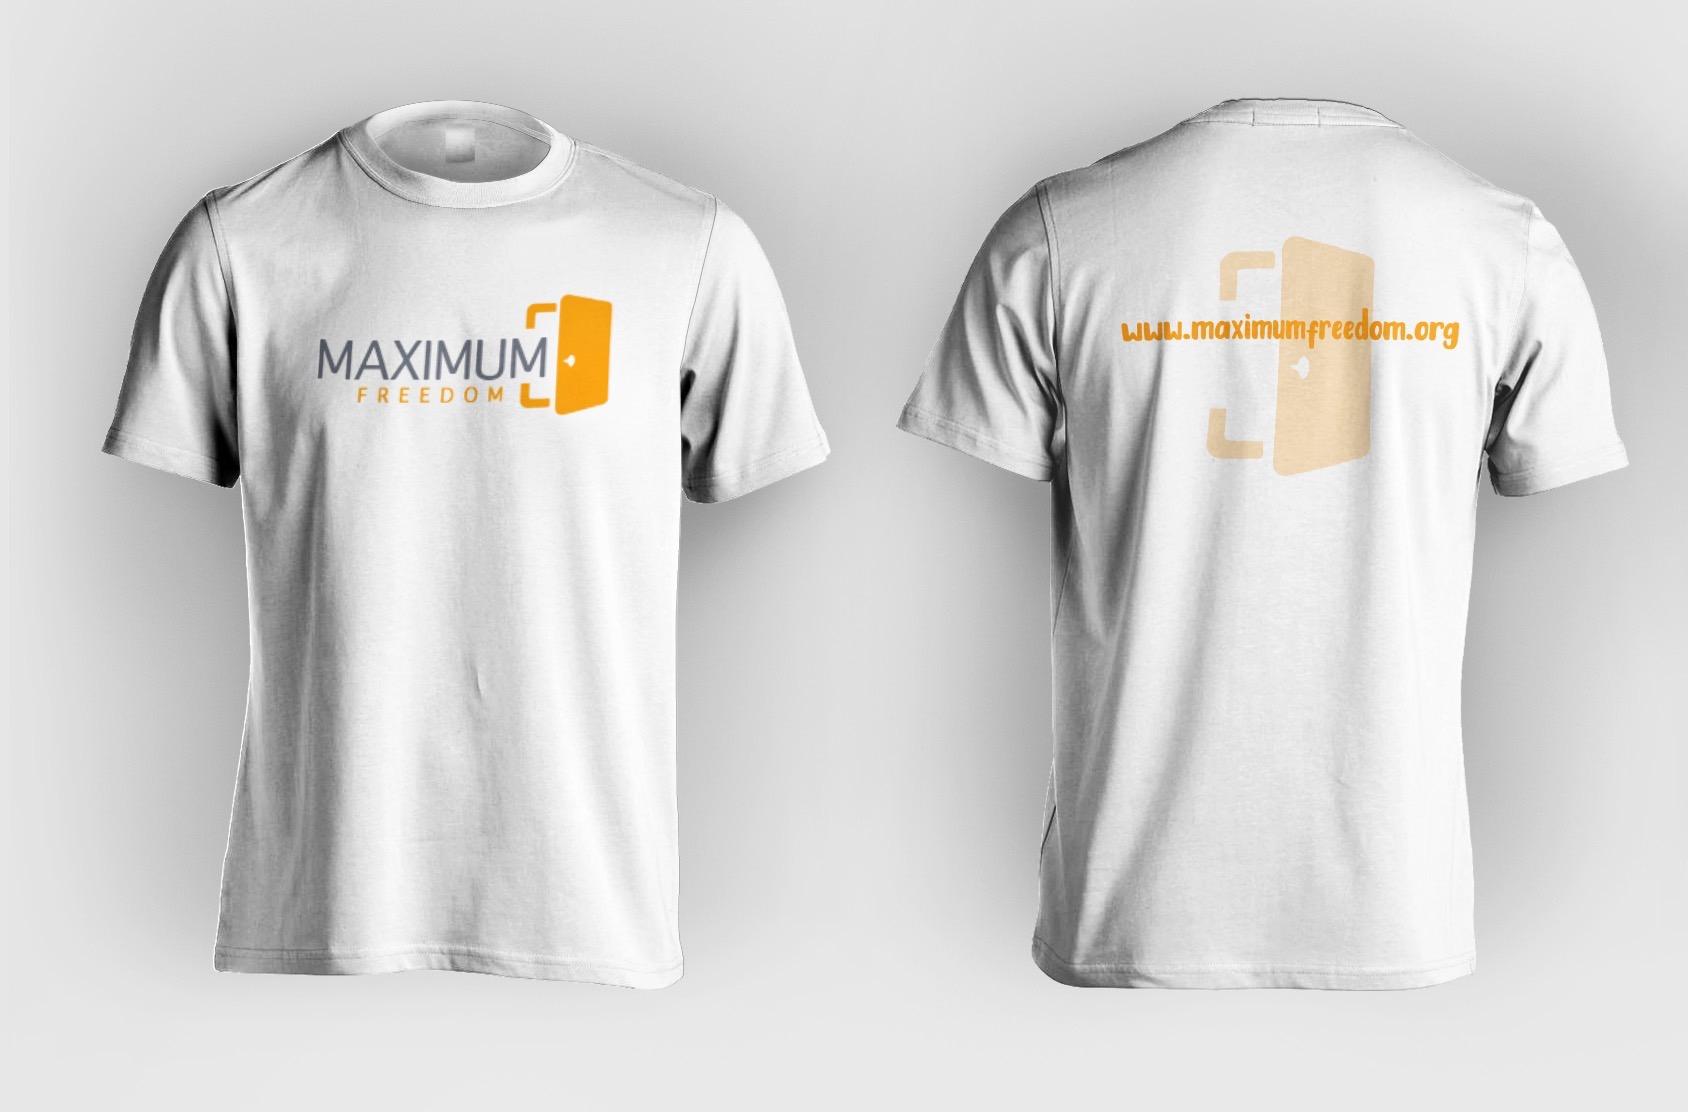 Maximum Freedom (1)